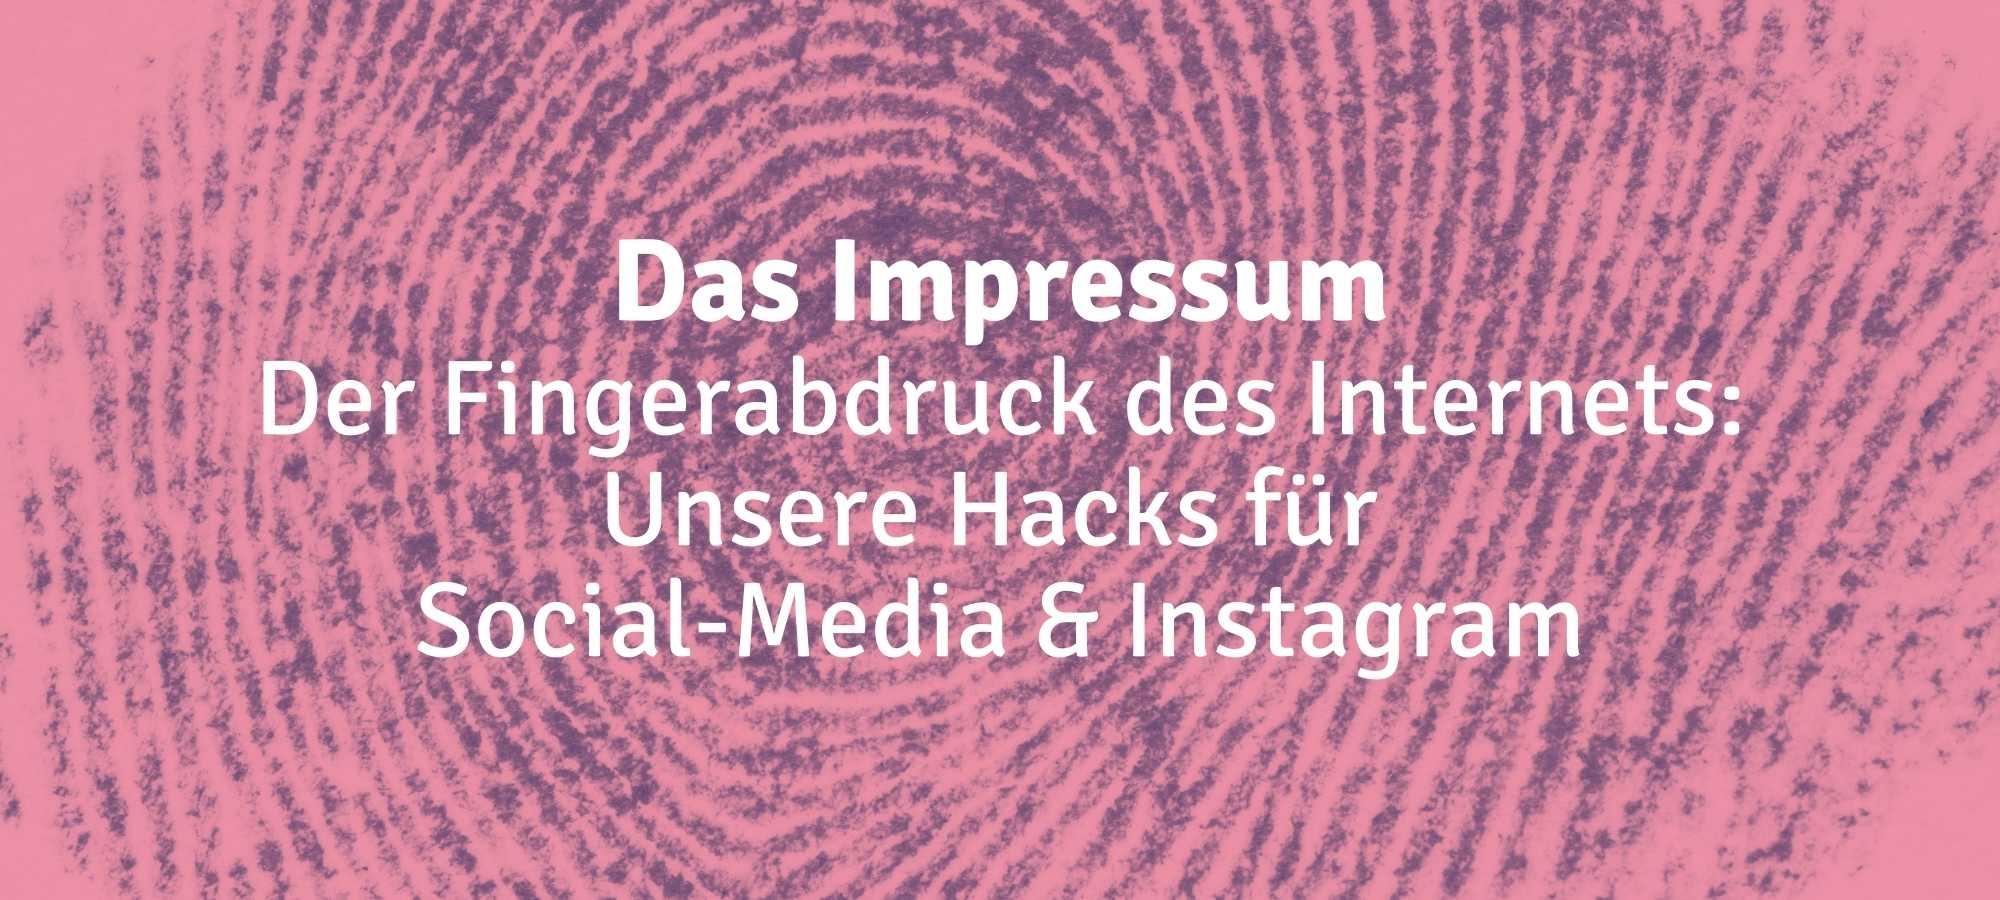 Das Bild zeigt einen Fingerabdruck, als Metapher für das Impressum.